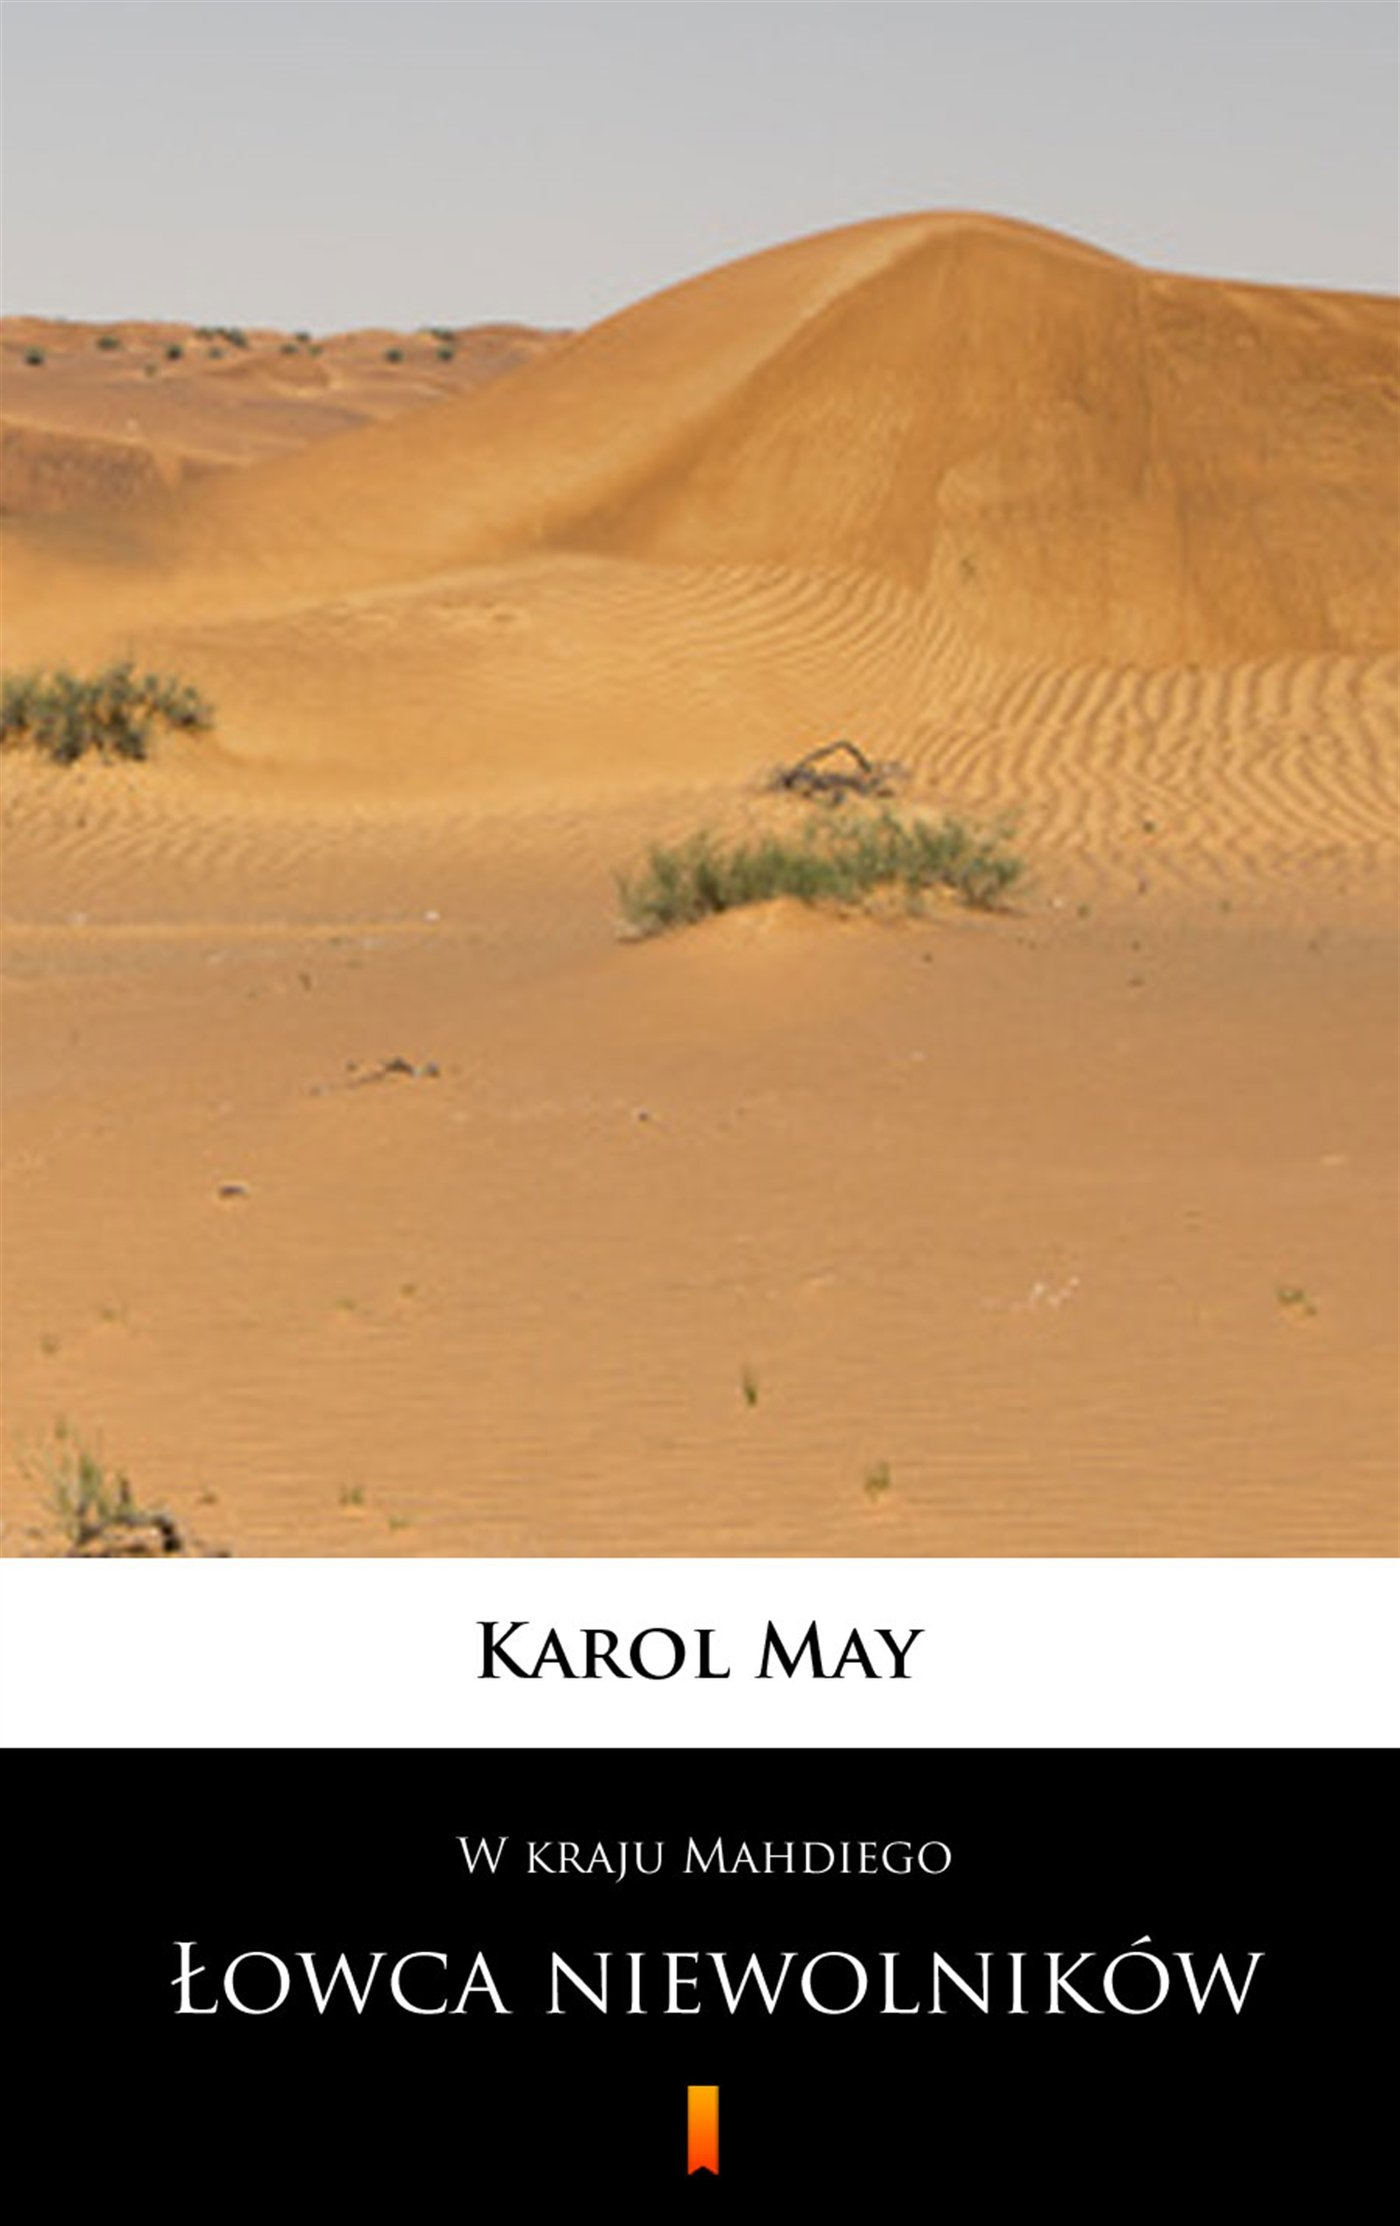 W kraju Mahdiego. Łowca niewolników - Ebook (Książka EPUB) do pobrania w formacie EPUB